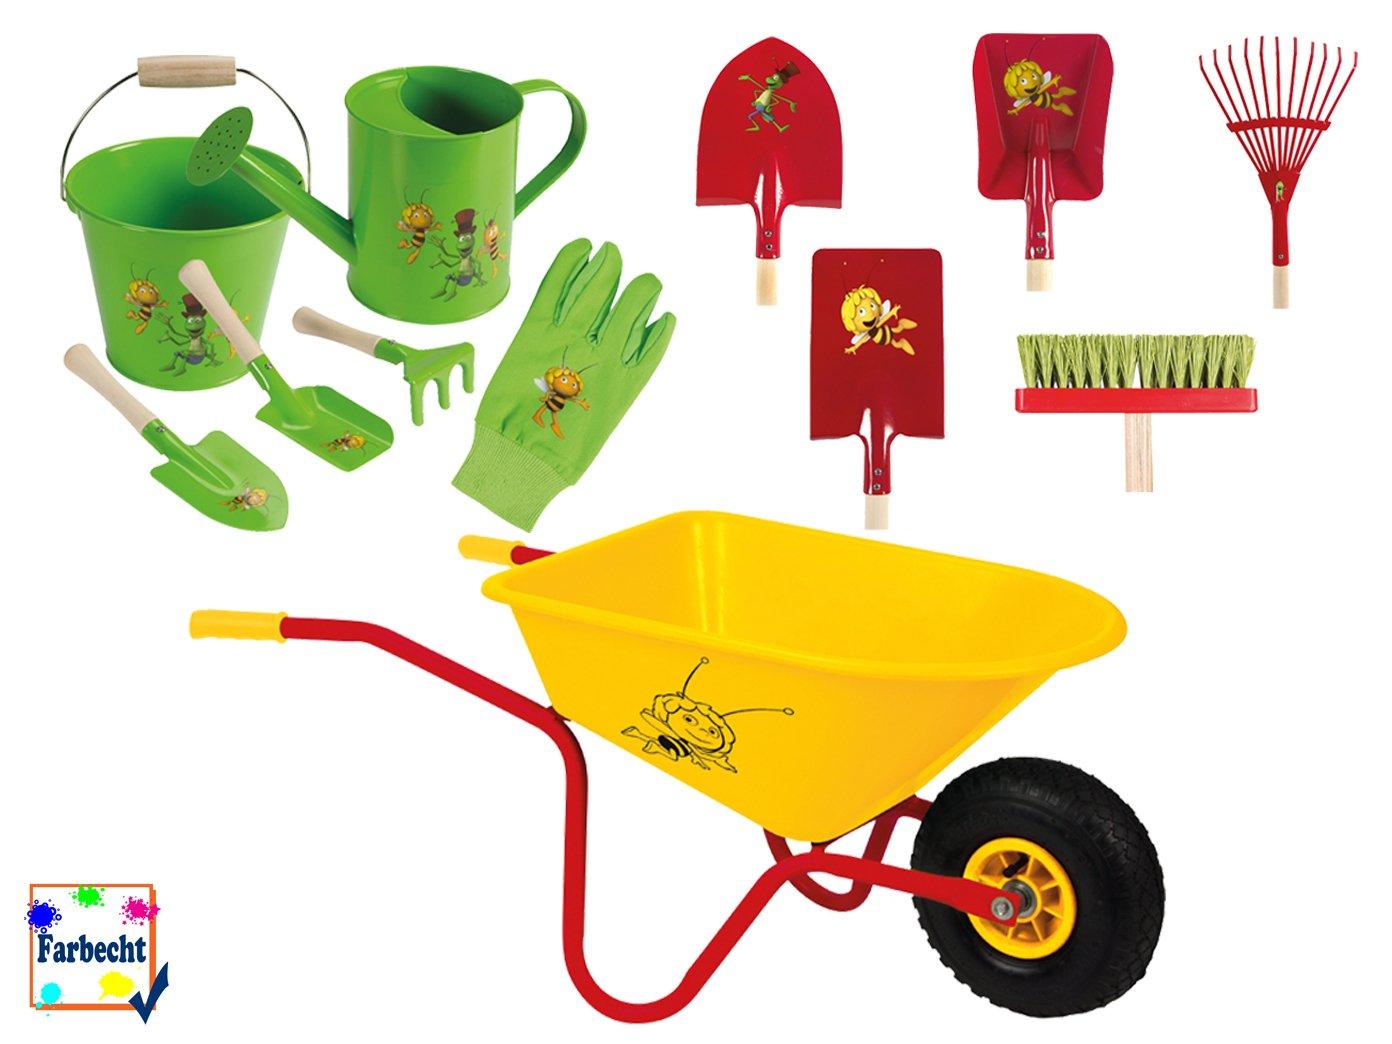 VELLEMAN Großes Gartenspielzeug-Set für Kinder -DIE BIENE MAJA-